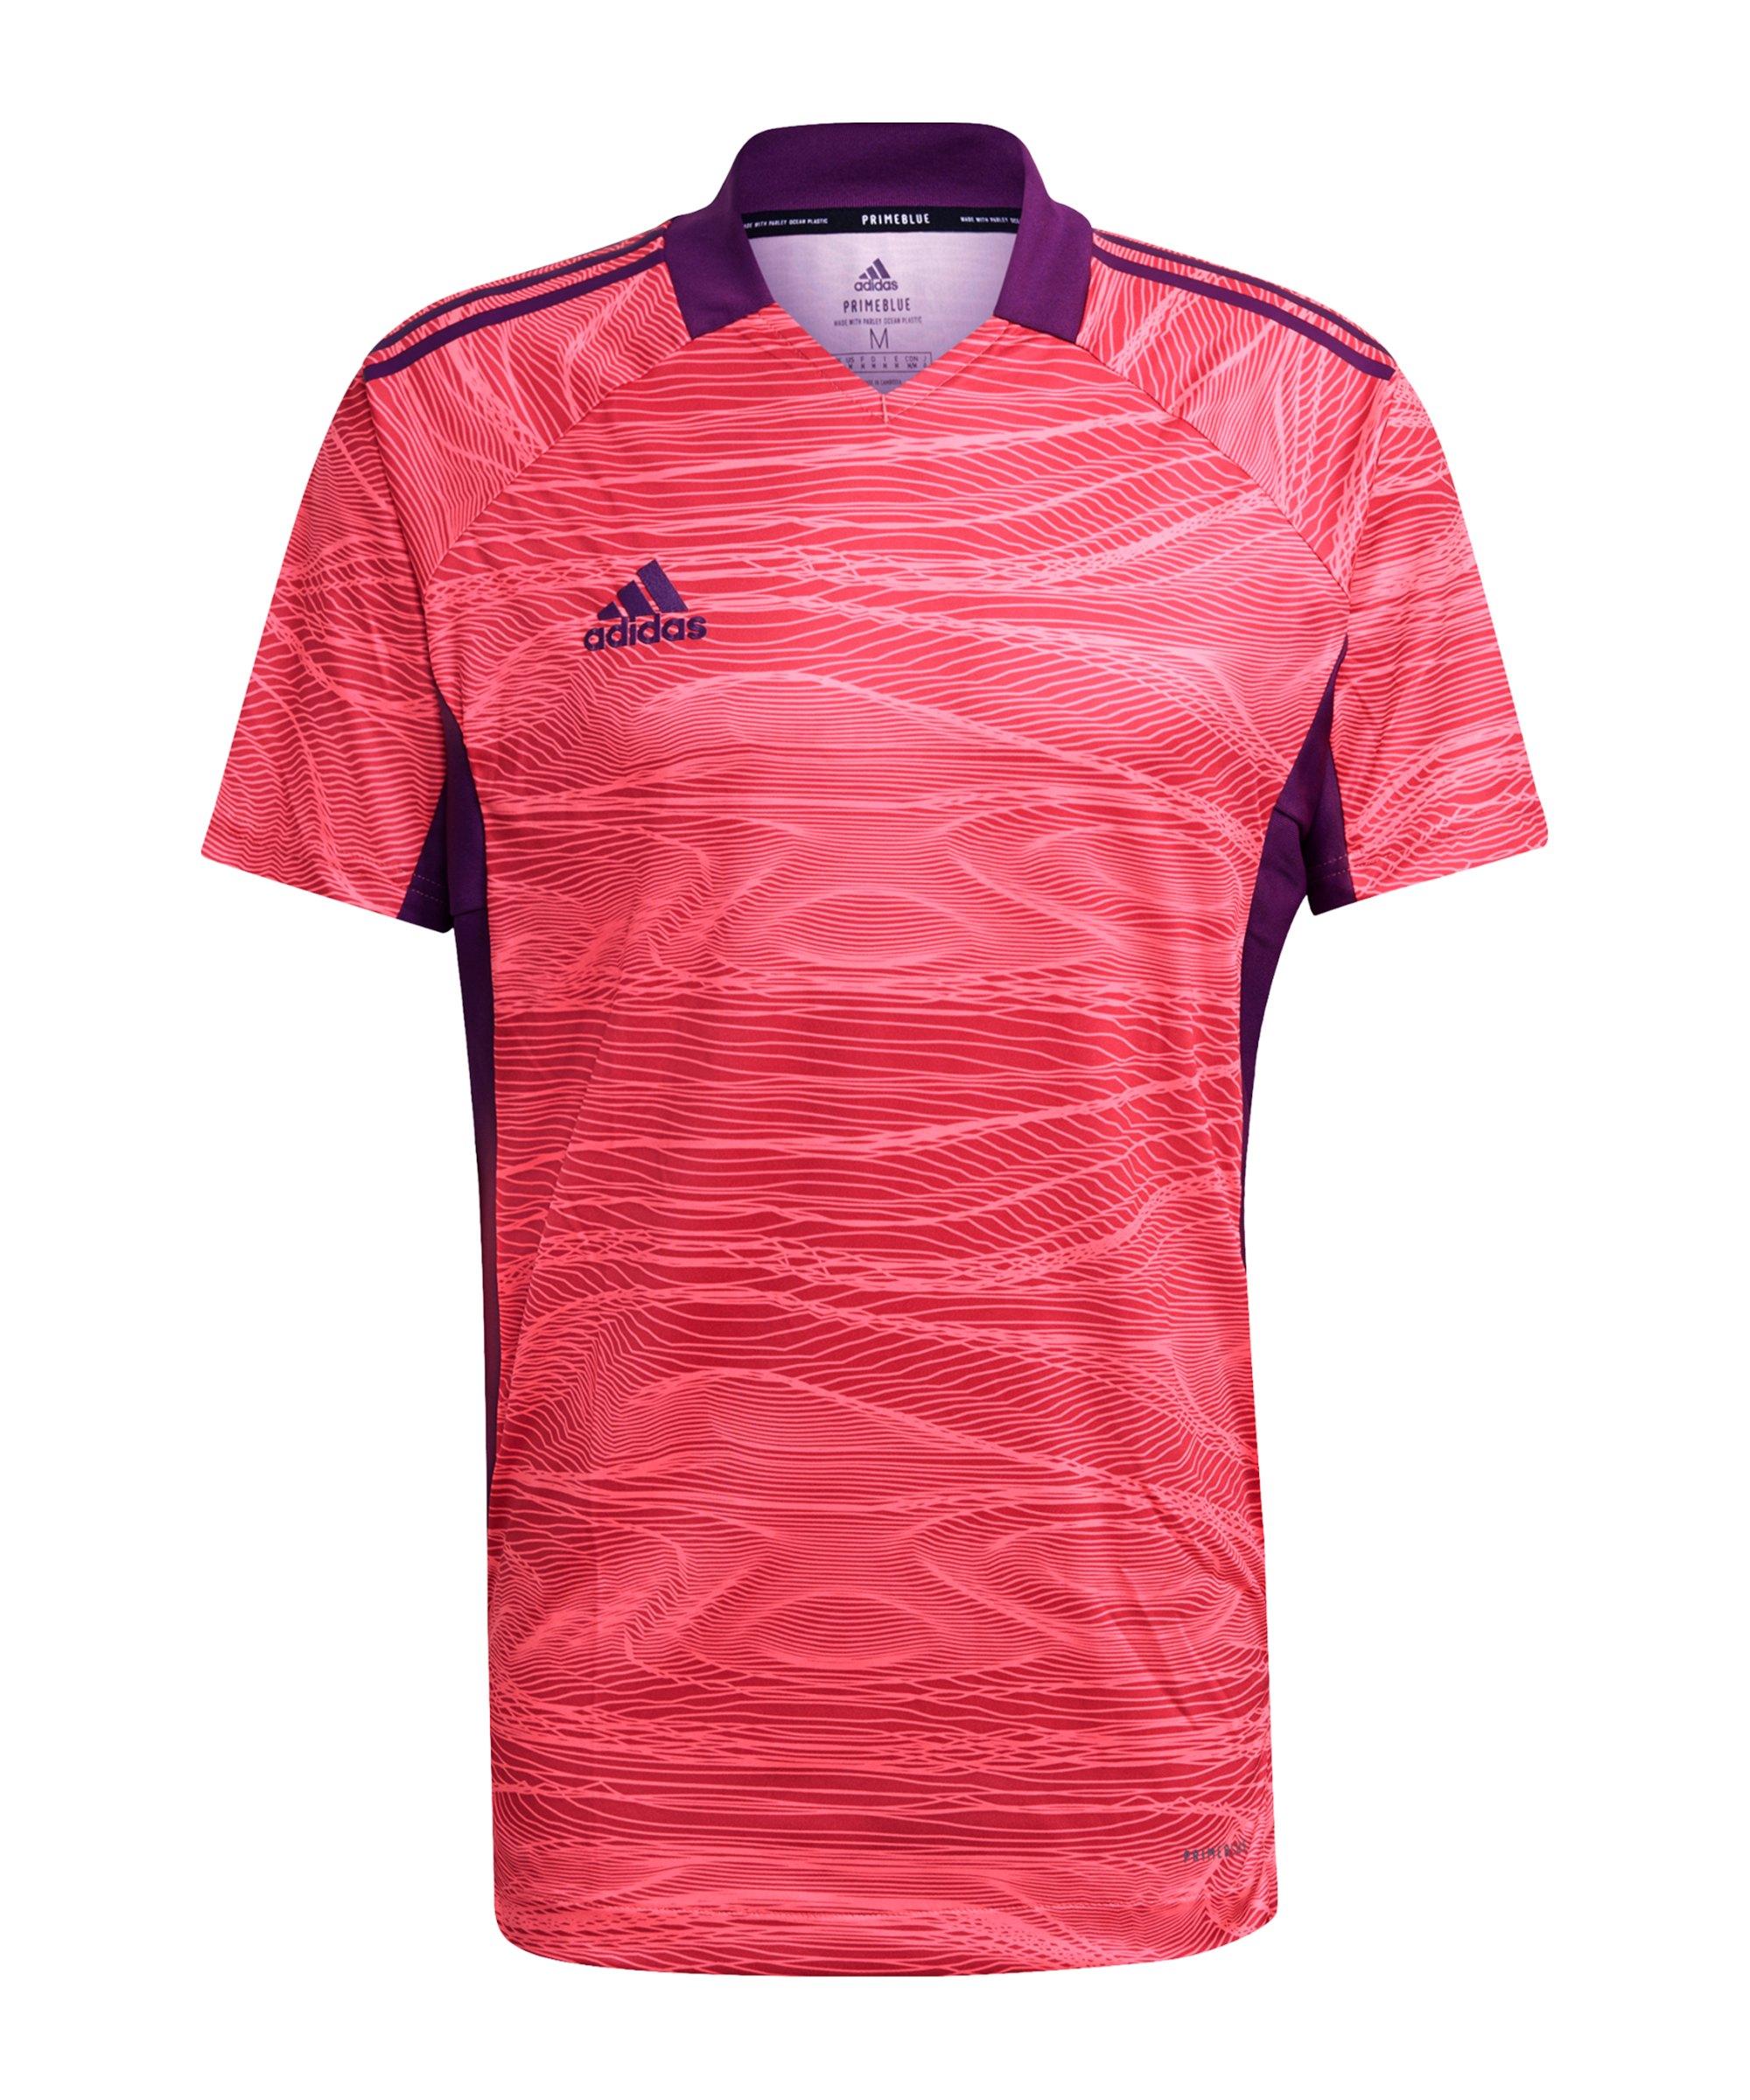 adidas Condivo 21 Torwarttrikot Pink - pink